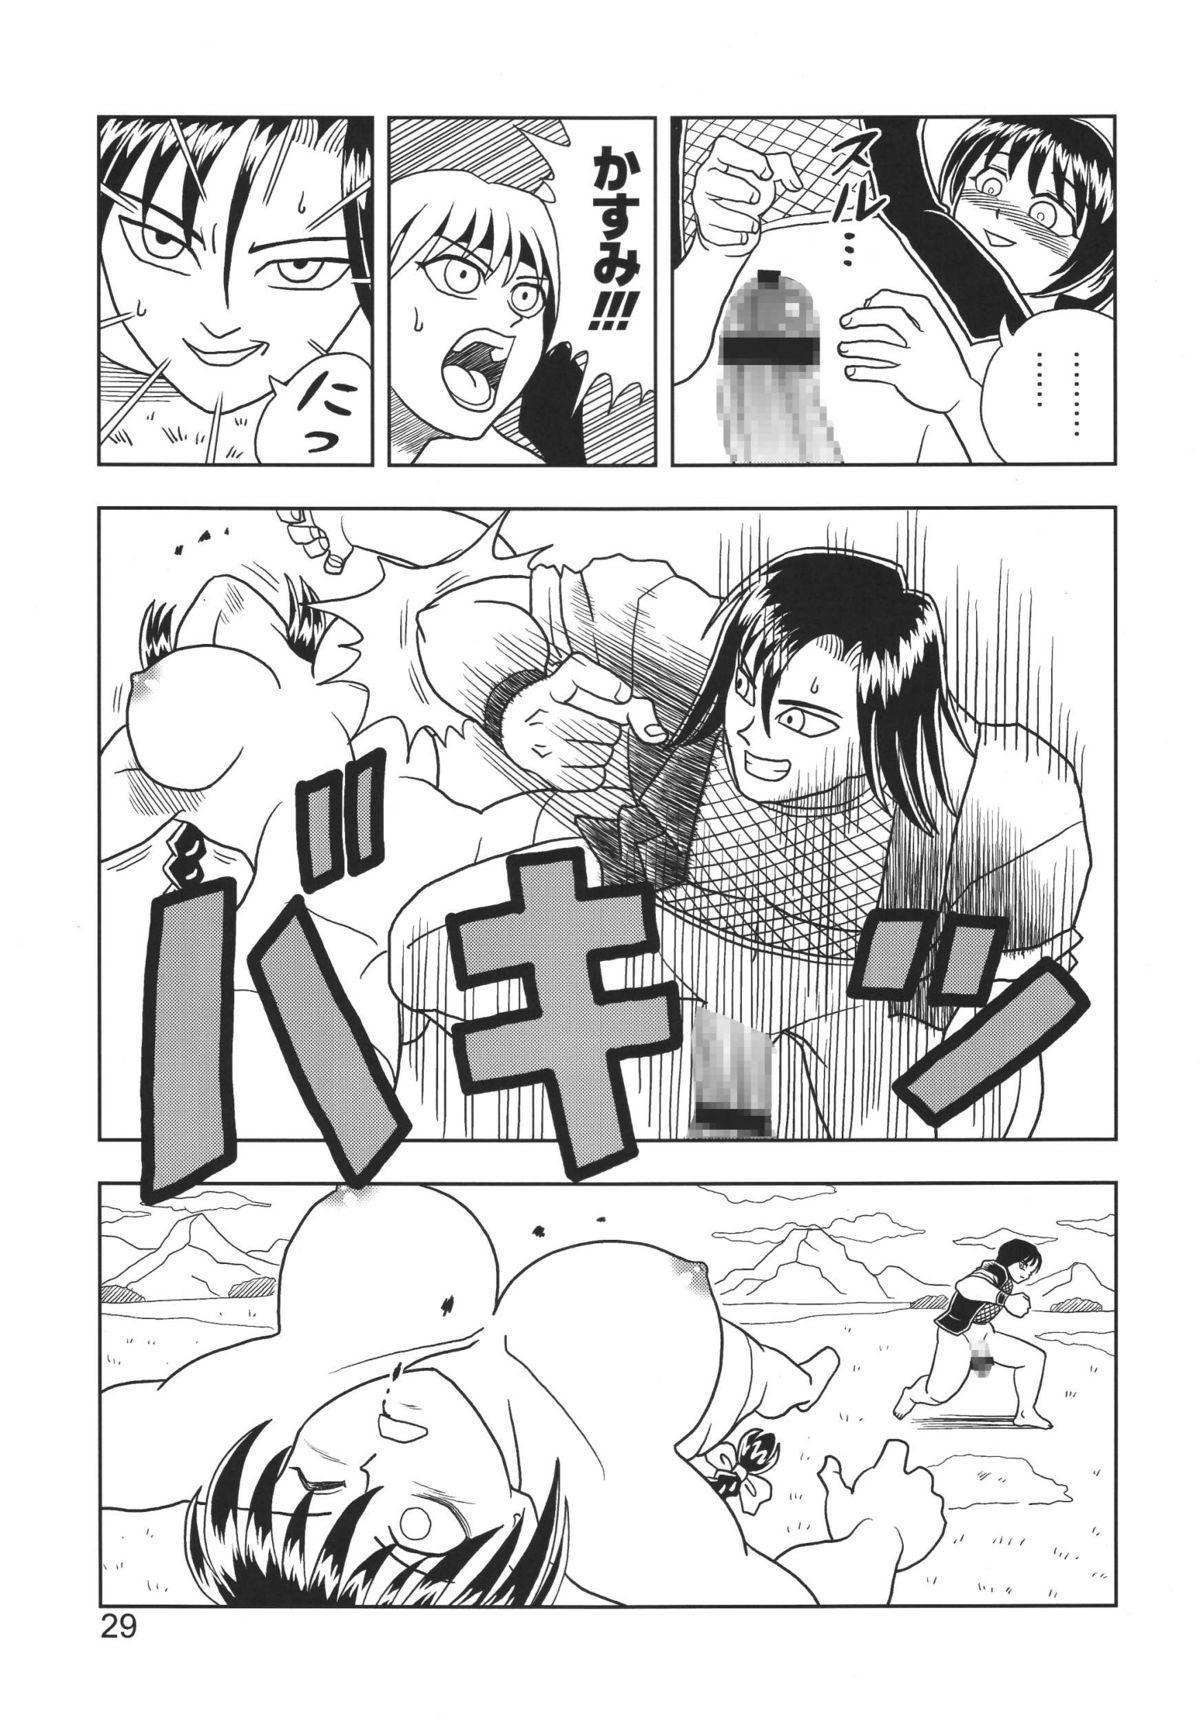 Kasumi or Ayane 28